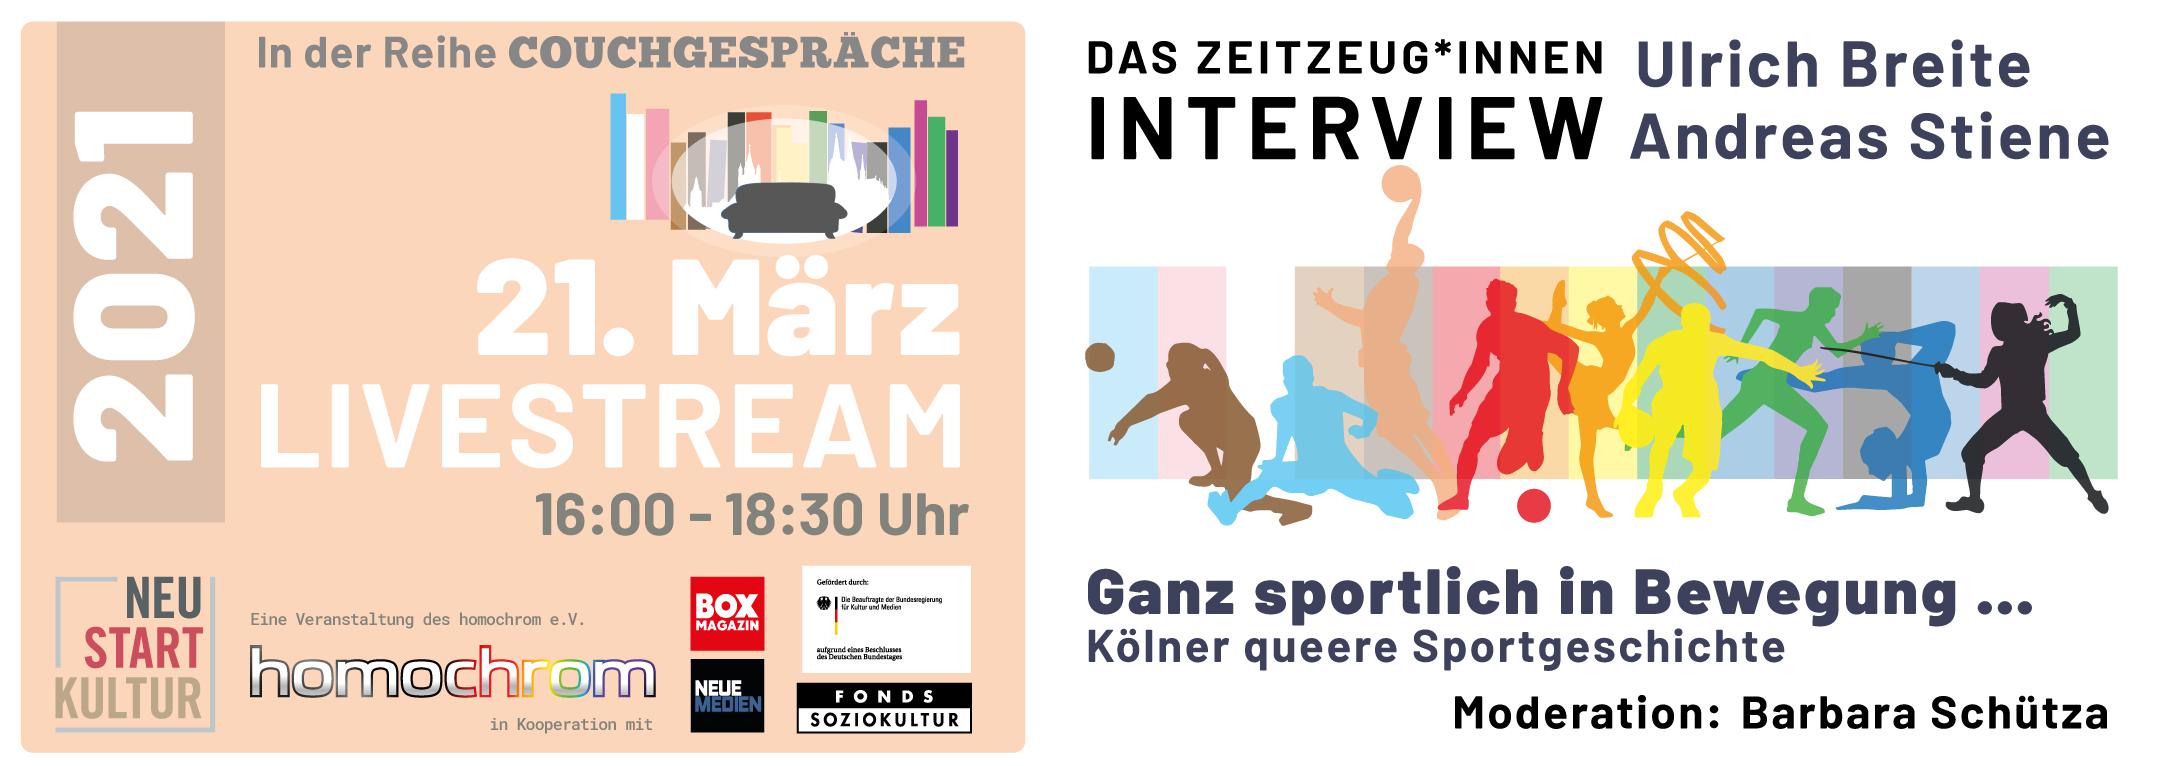 Couchgespräche März 2021 - Sportliche Bewegung